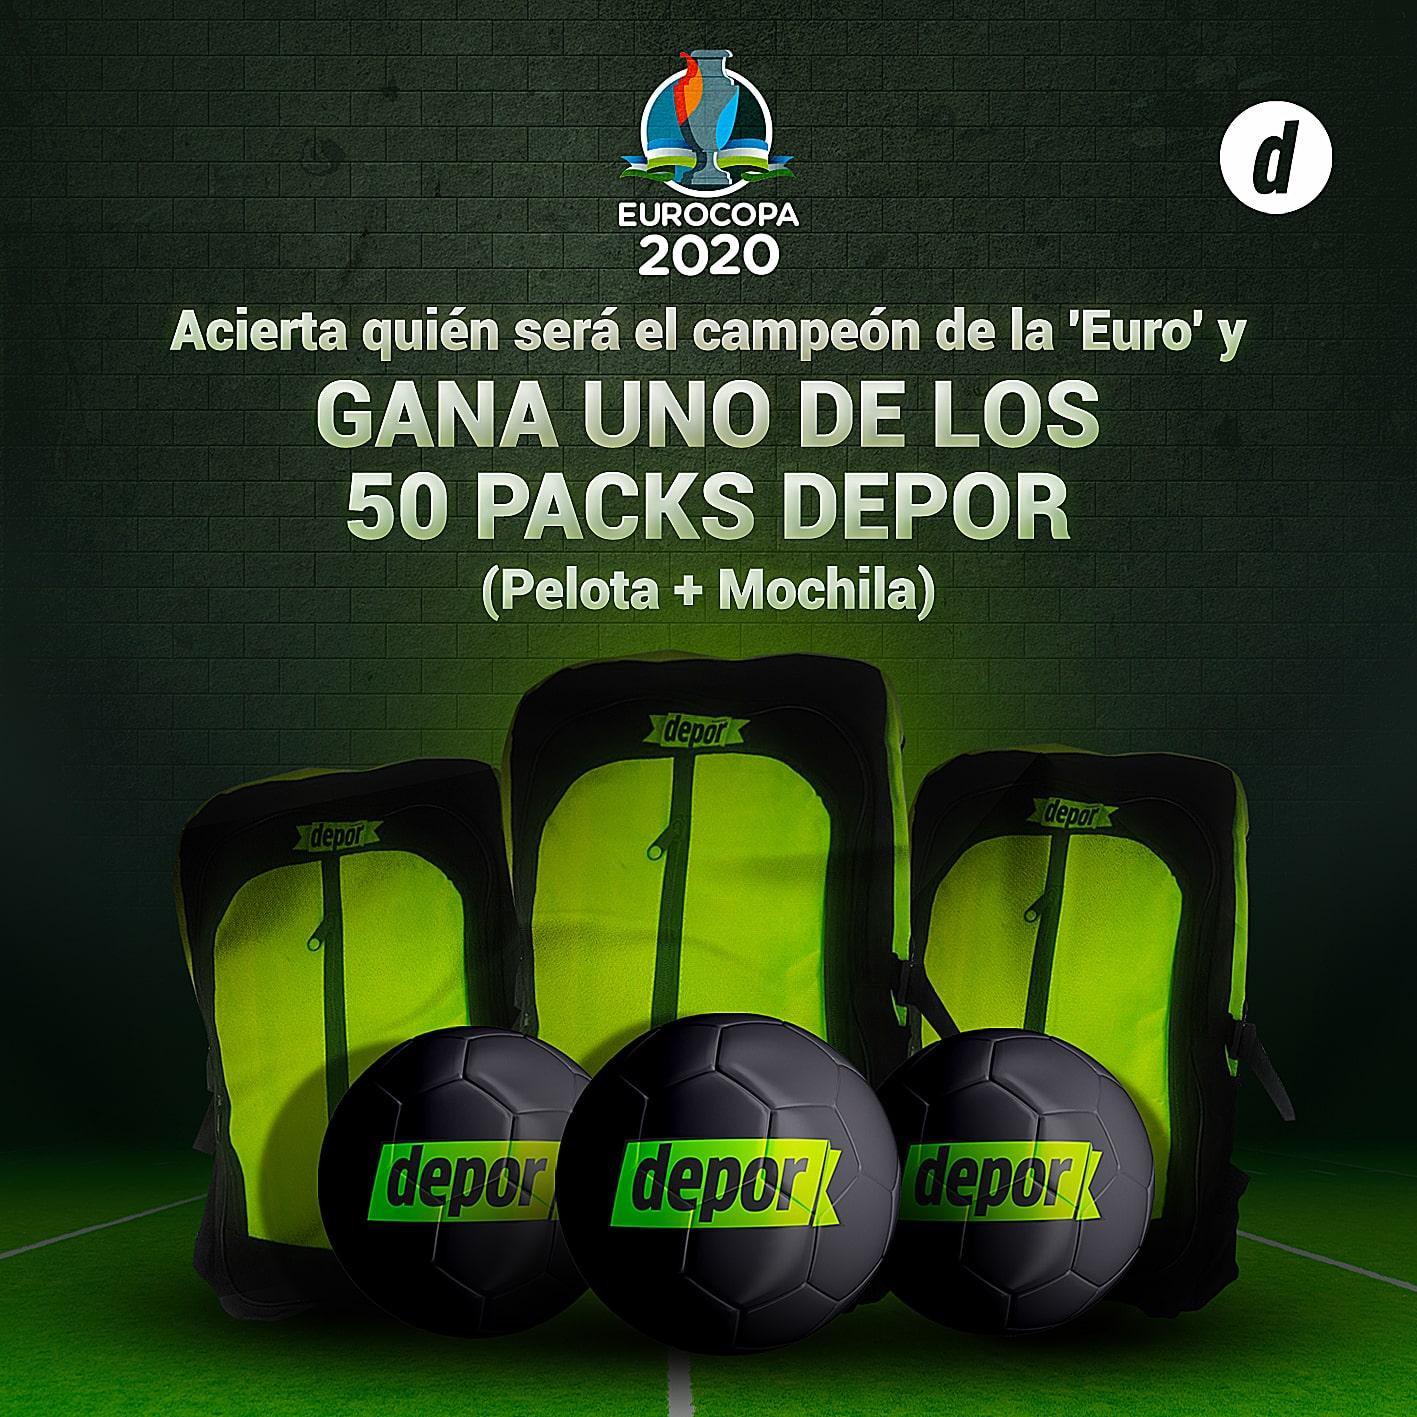 Eurocopa 2020 | Pronostica los resultados de los partido de la UEFA Euro 2020 y gana pelotas y mochilas | Eurocopa 2021